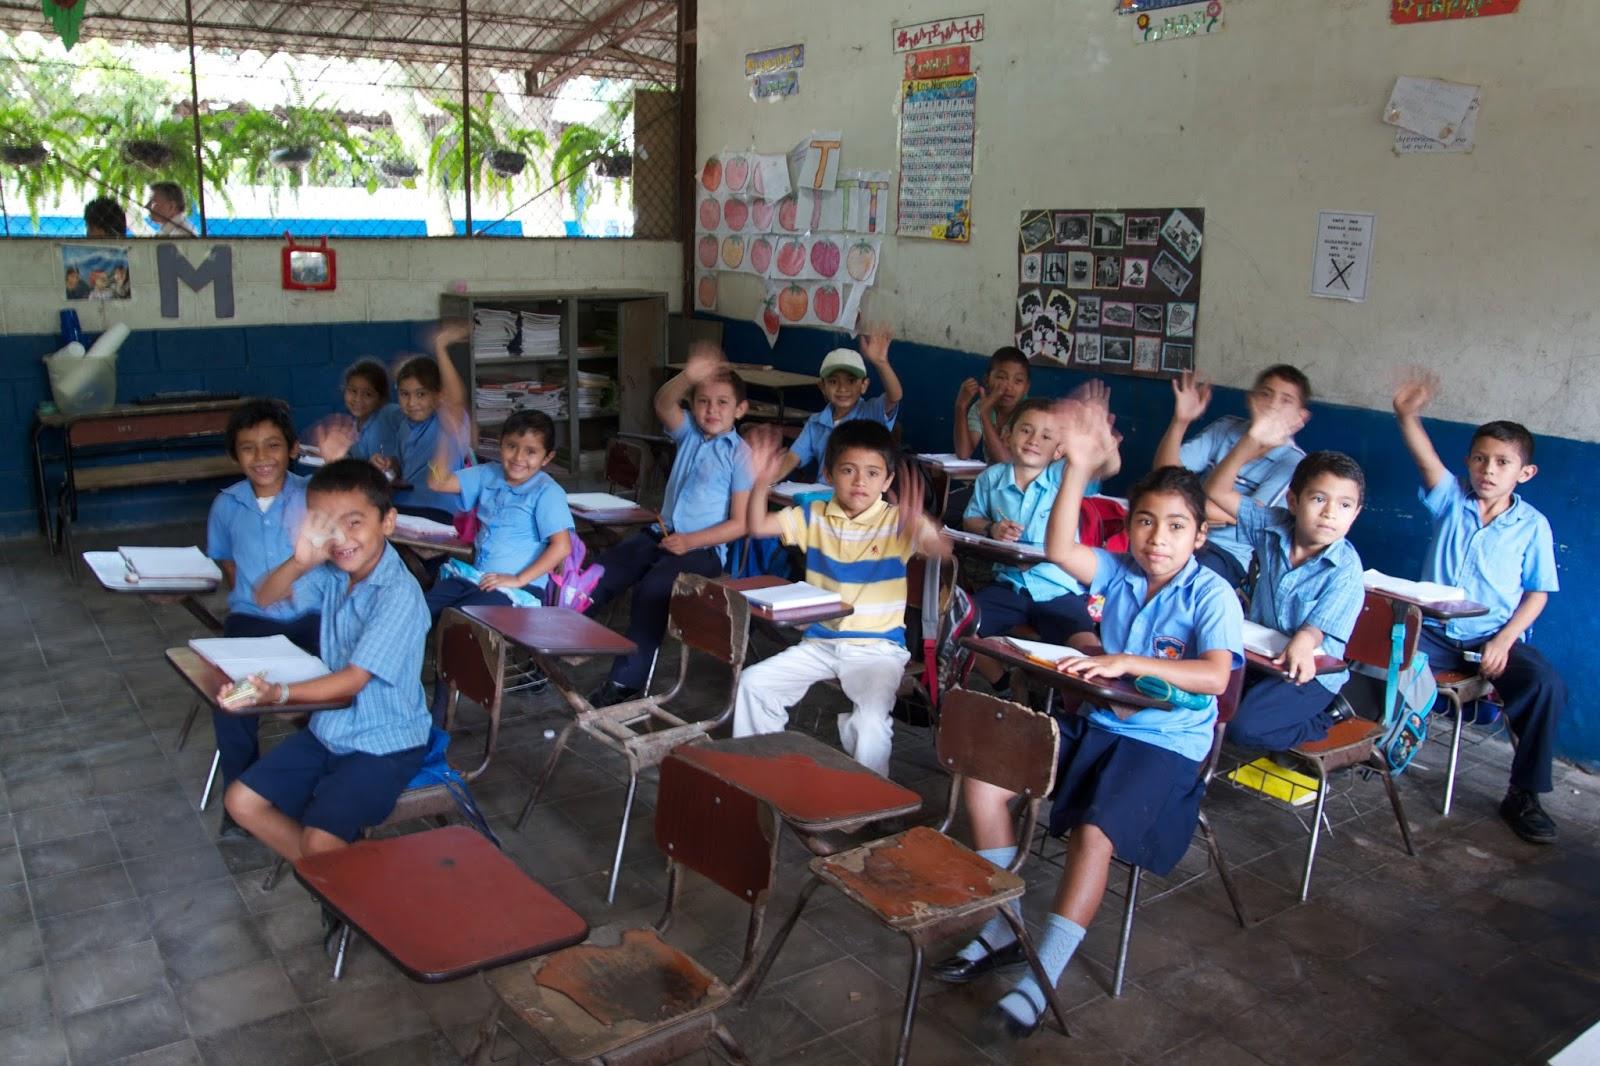 El salvador and the school of the americas